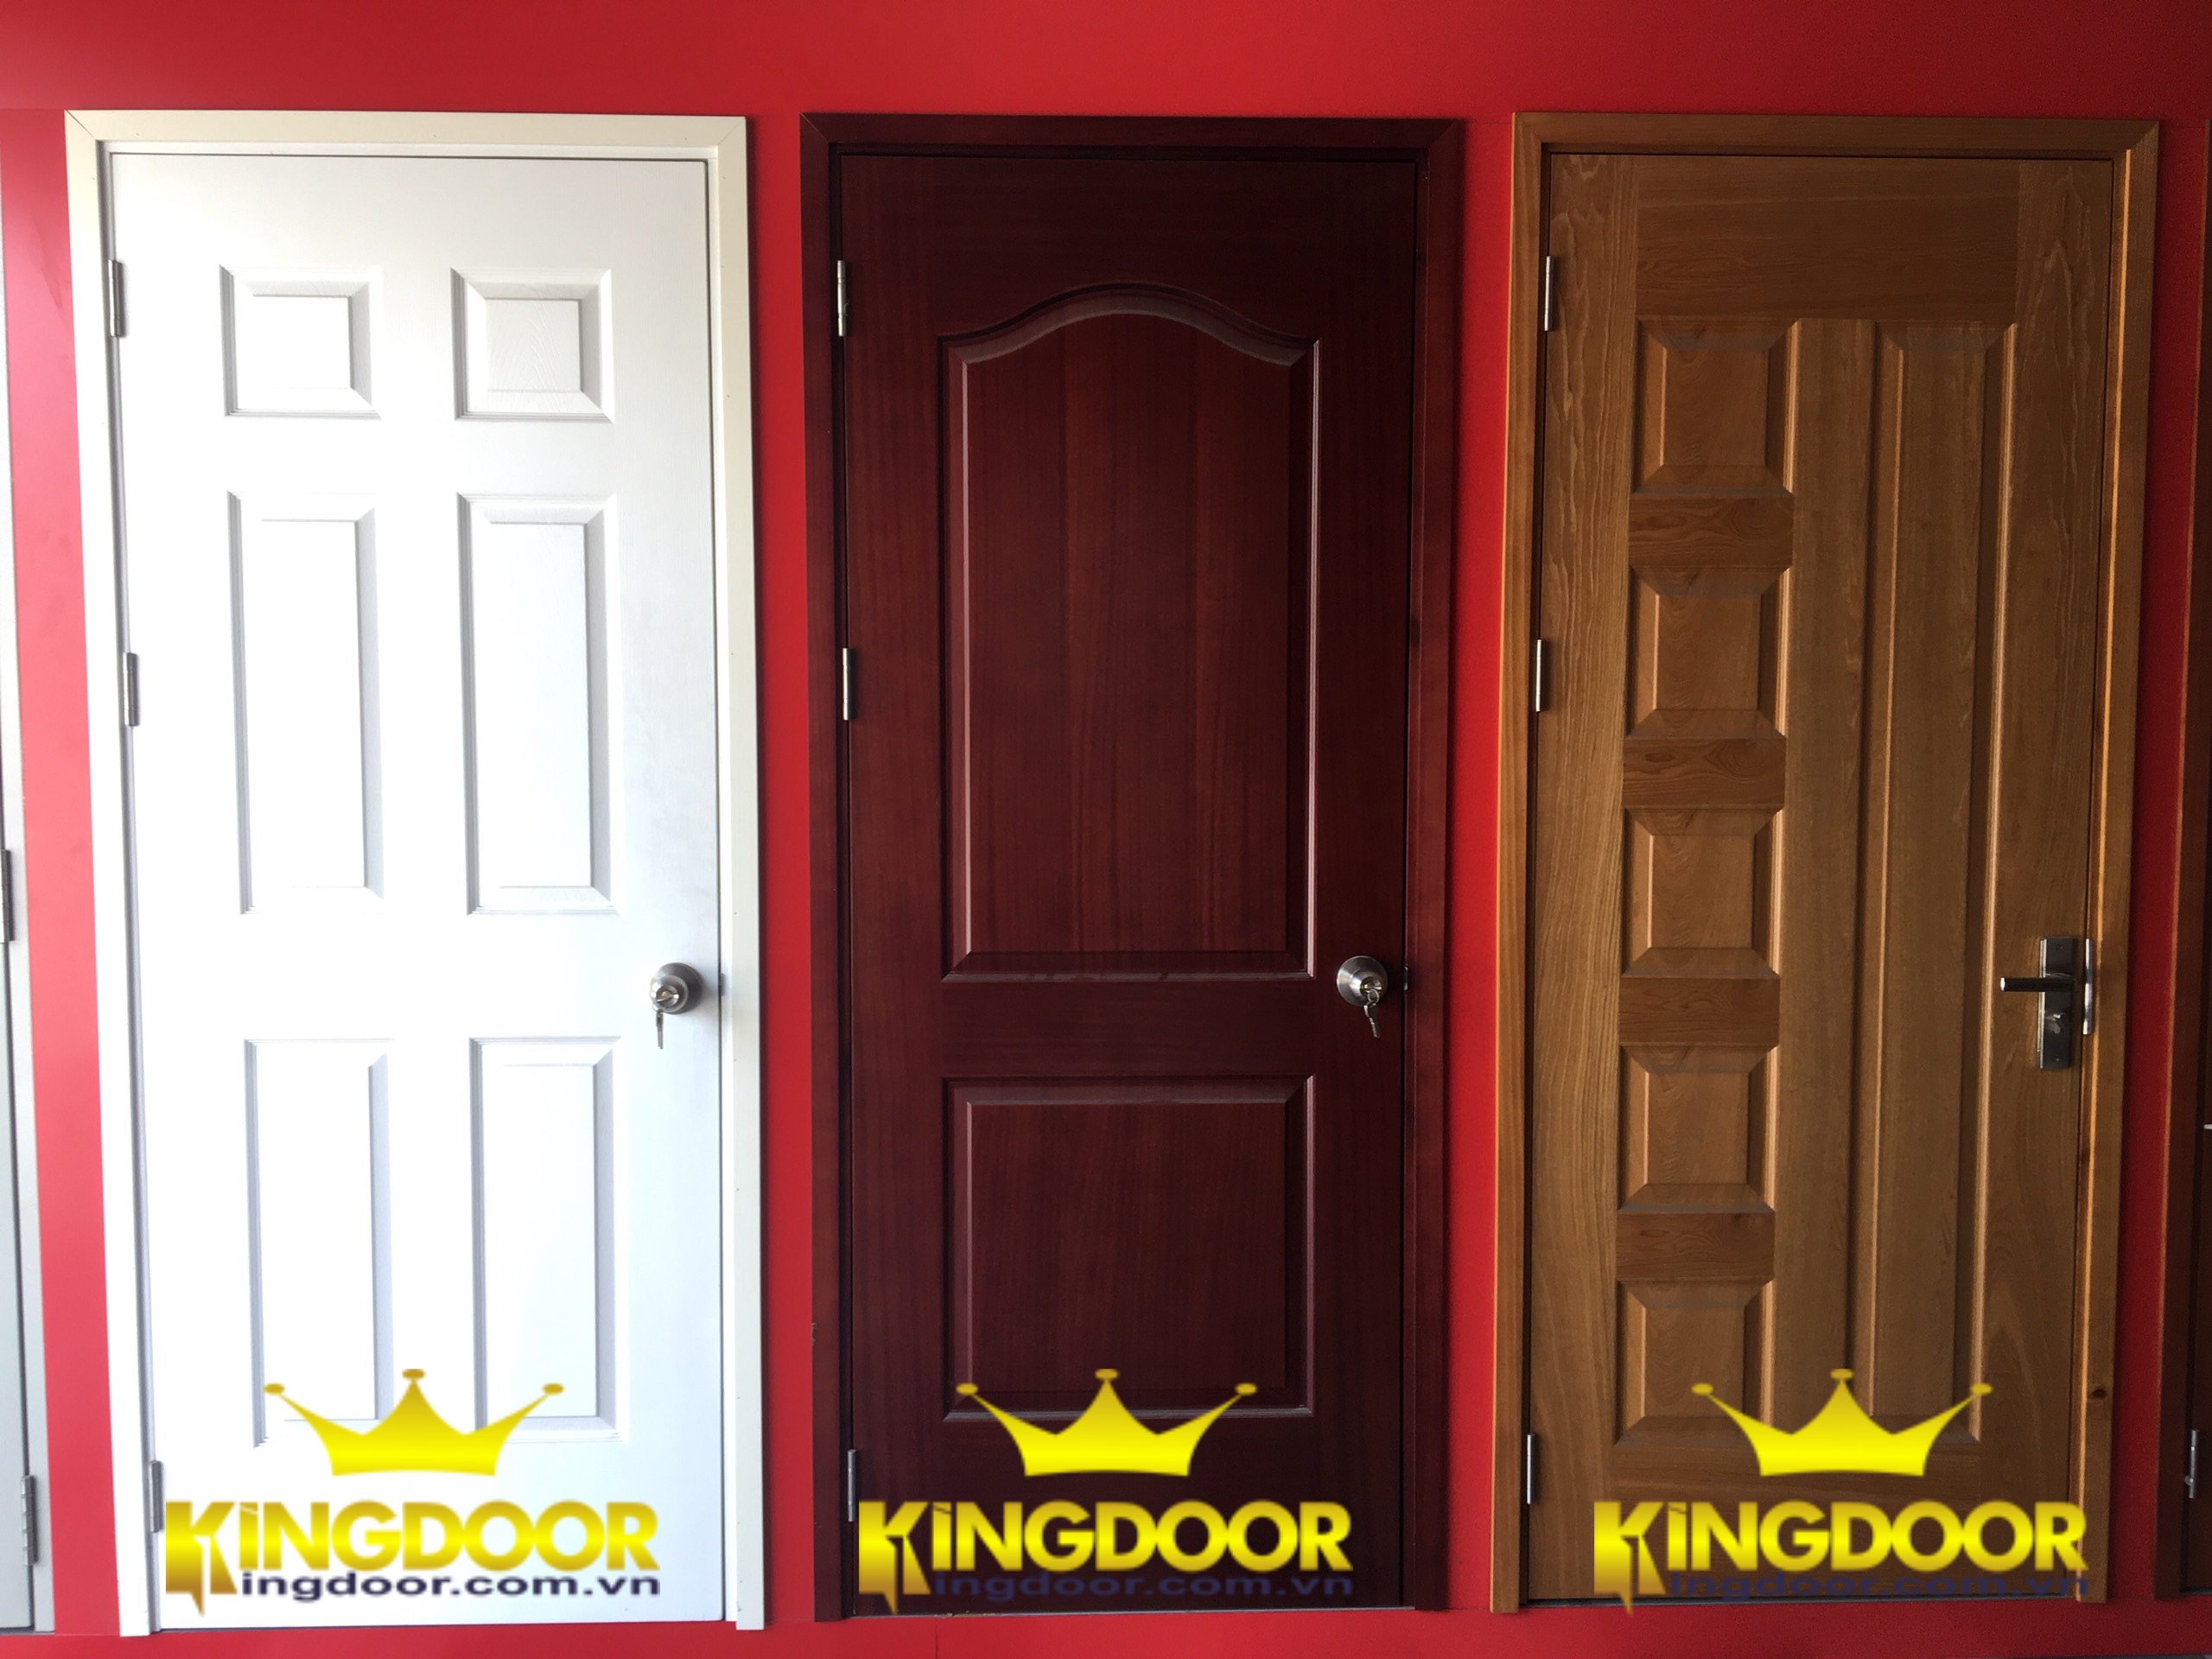 Mẫu cửa gỗ công nghiệp HDF sơn (màu trắng) và cửa HDF Veneer (2 mẫu bên phải).